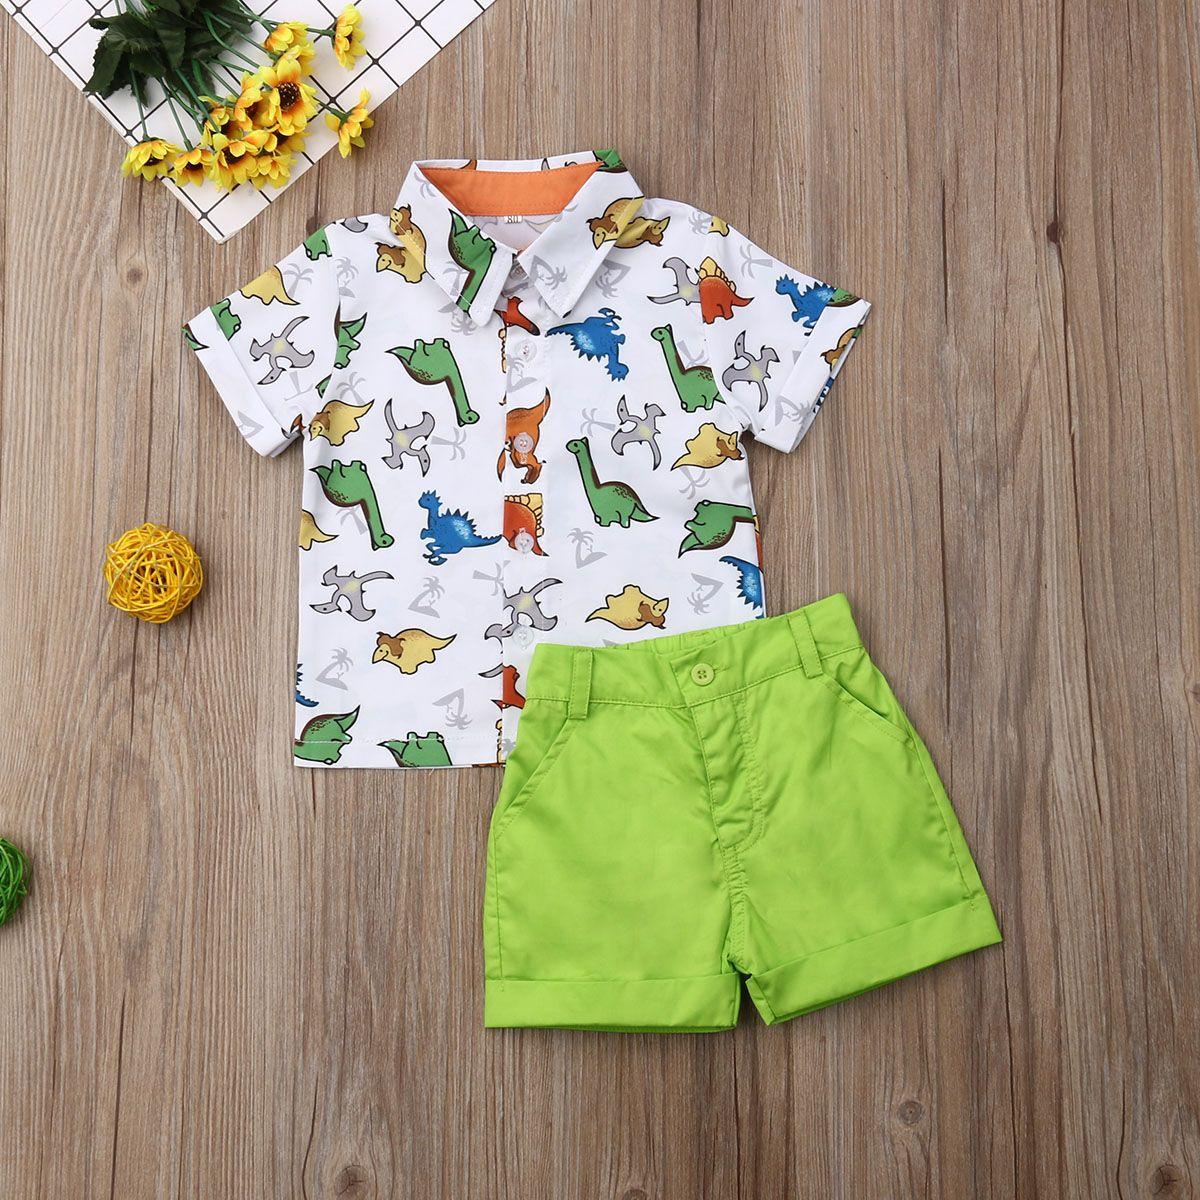 Лето малыш Baby Boy одежда мульти динозавр печати рубашка топы короткие брюки 2 шт. наряды повседневная одежда лето